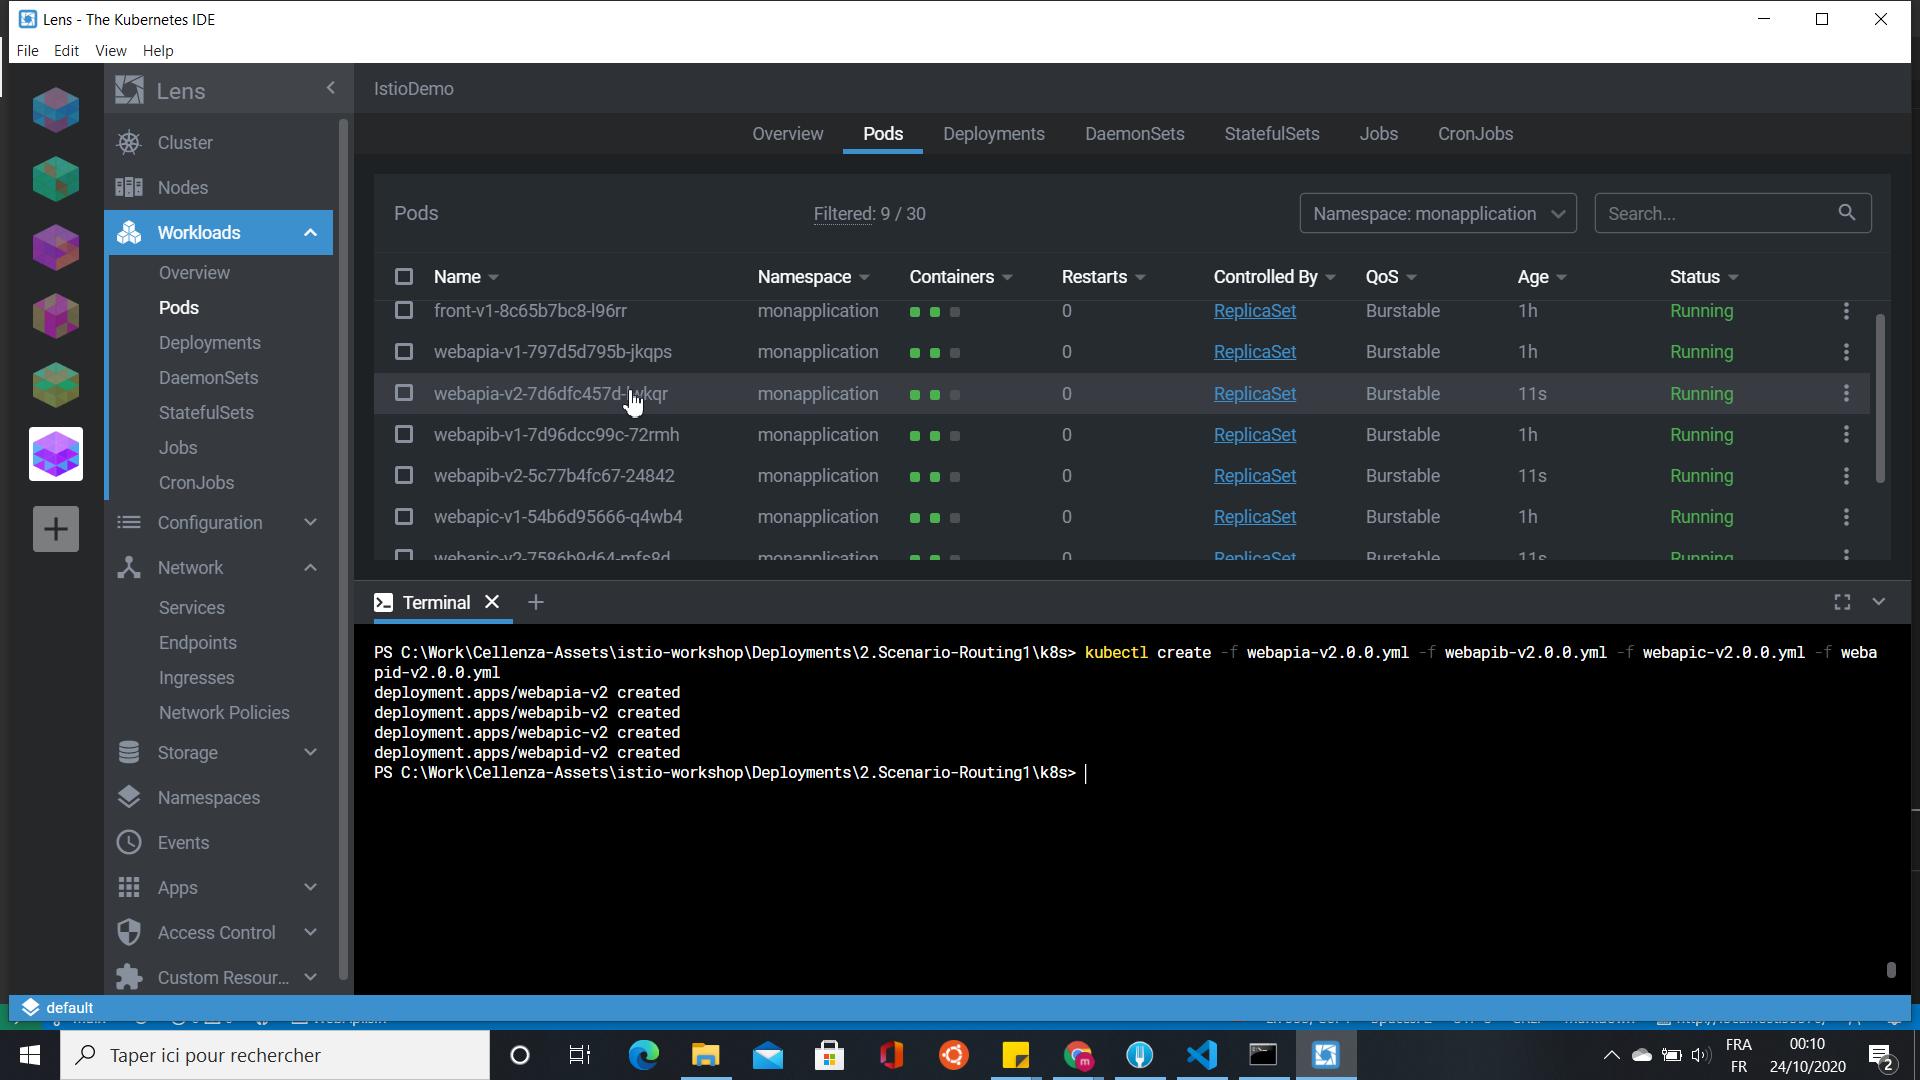 Lens Kubernetes IDE WebAPI deployement